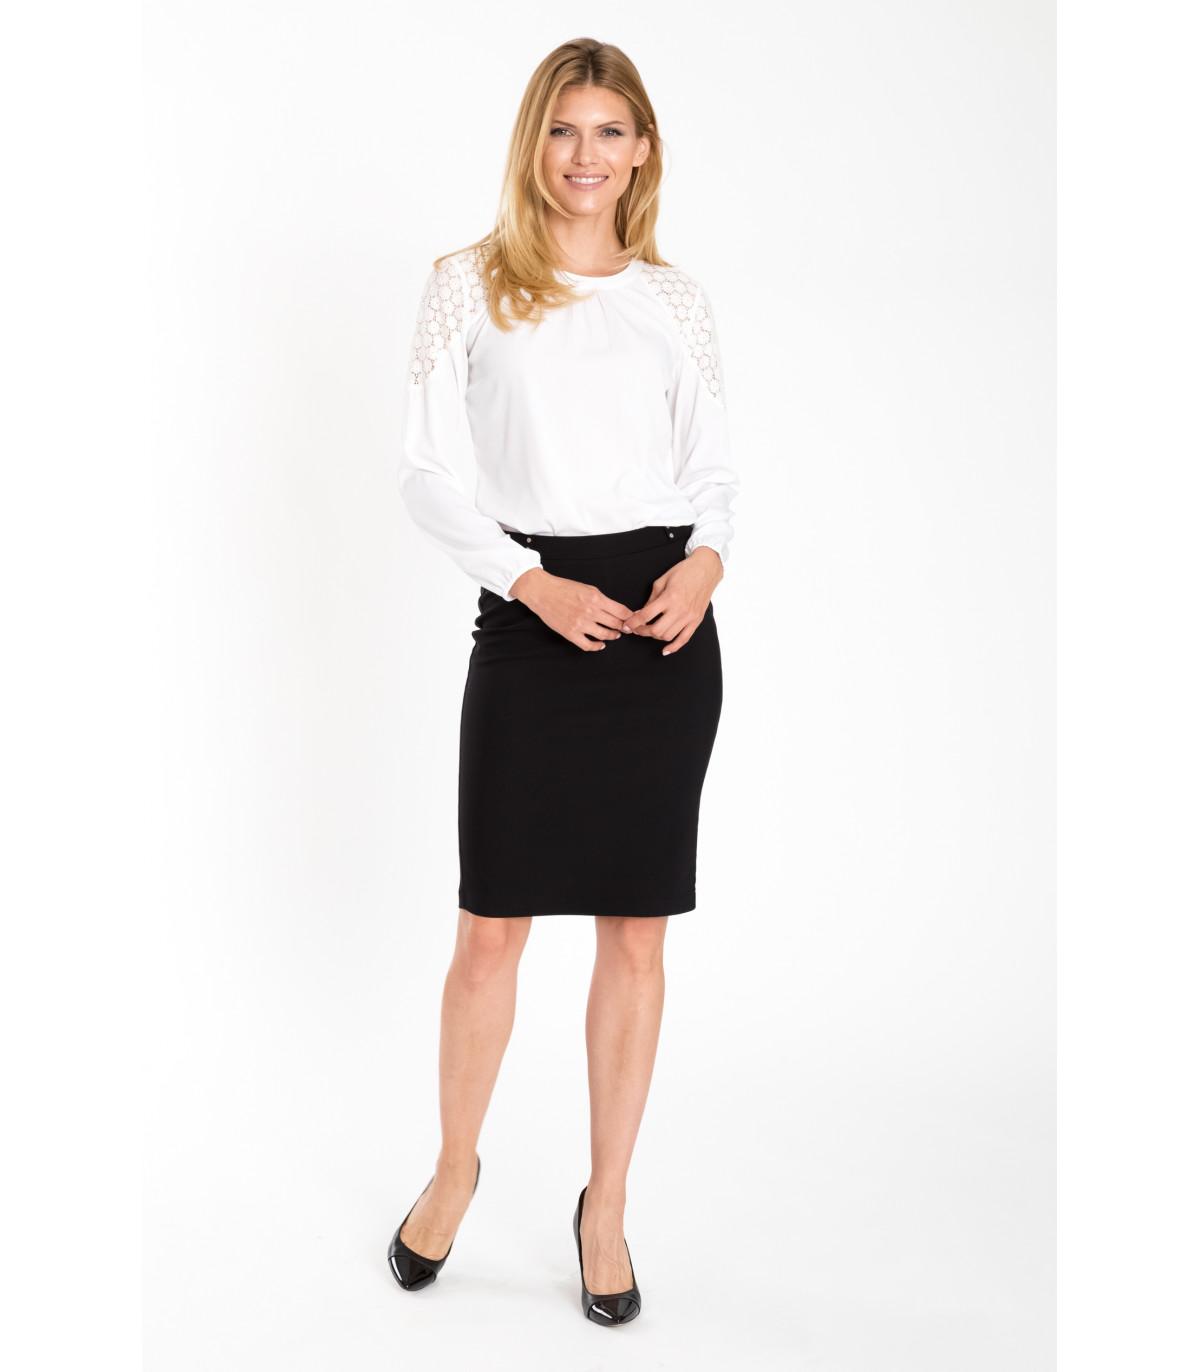 Zaktualizowano Czarna elegancka spódnica z dekoracyjnym paskiem Rozmiar 38 Kolor QI16